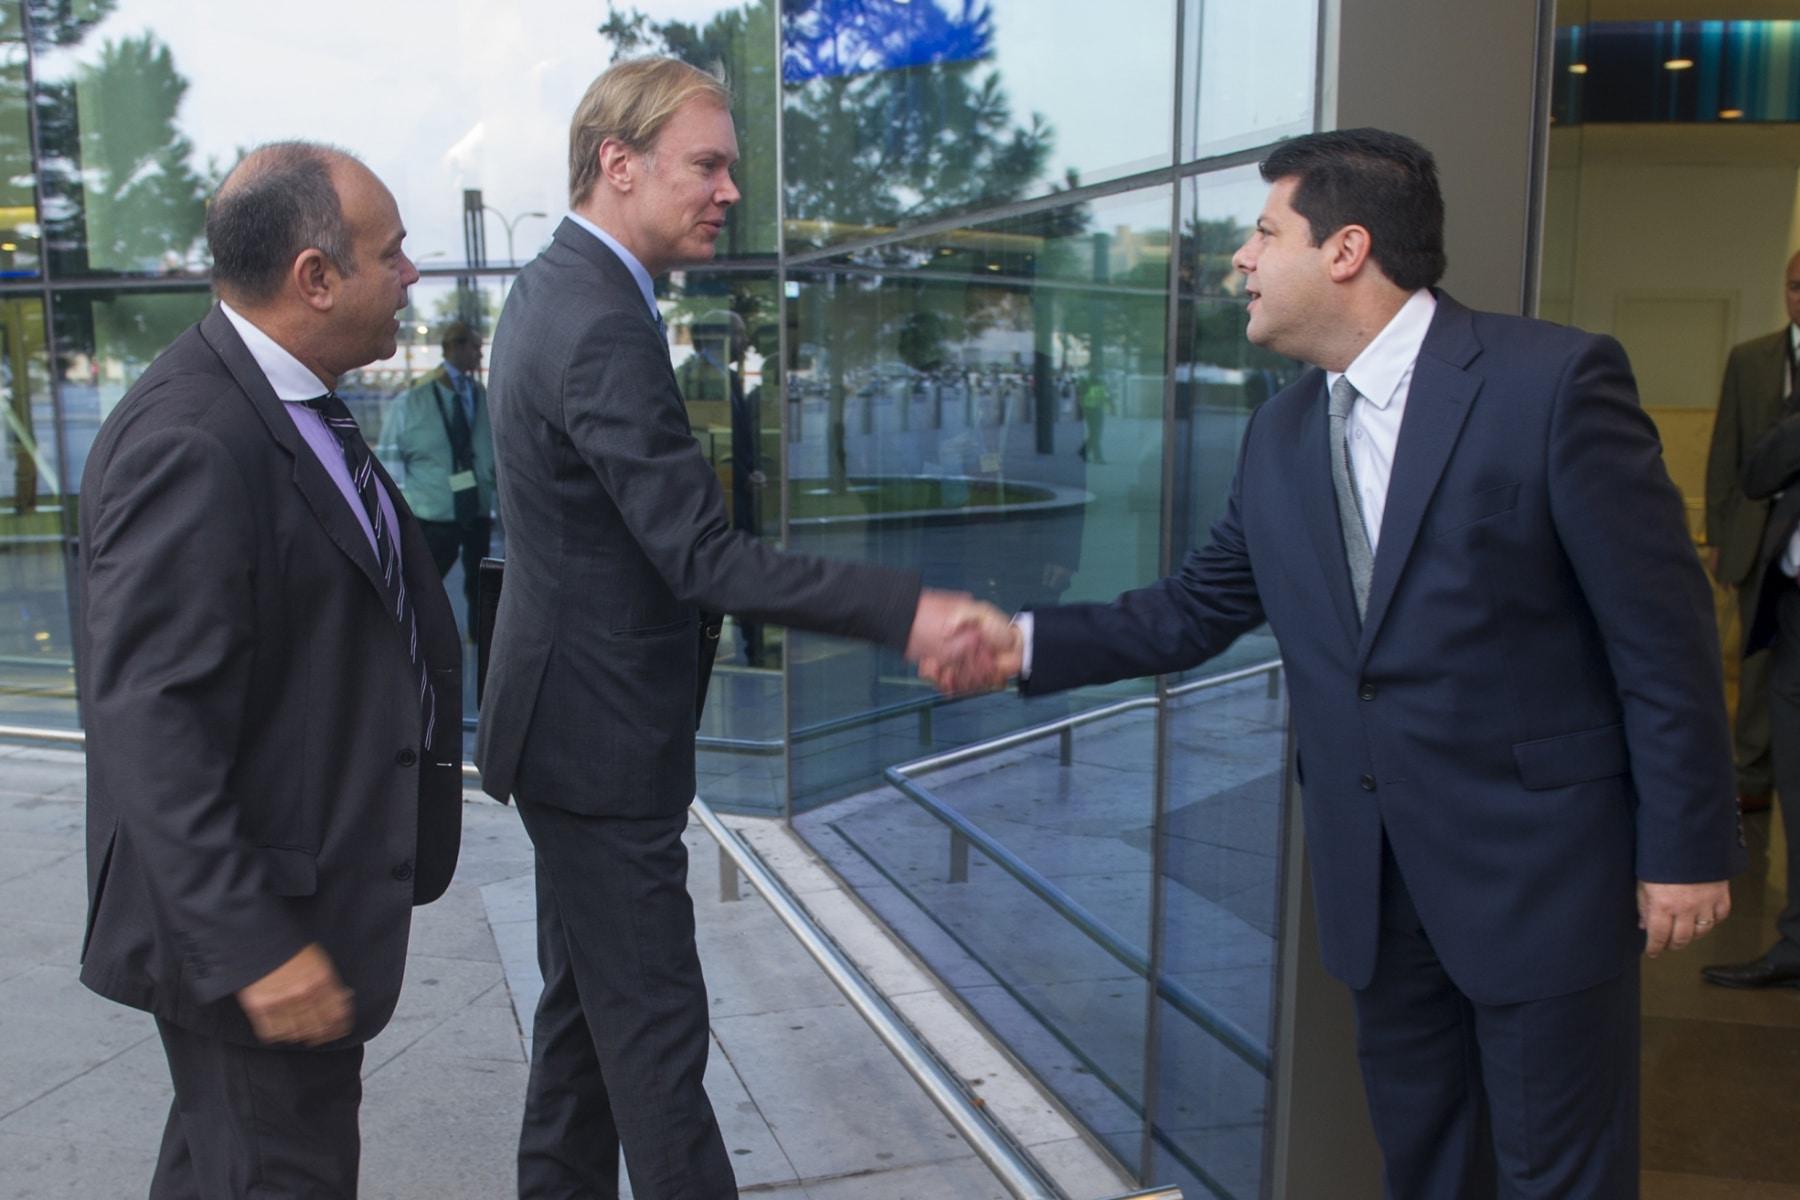 Gibraltar, 25 septiembre 2013. Fabian Picardo (Primer Ministro de Gibraltar) recibe en el aeropuerto a los miembros de la Comisión Europea de investigación. MARCOS MORENO